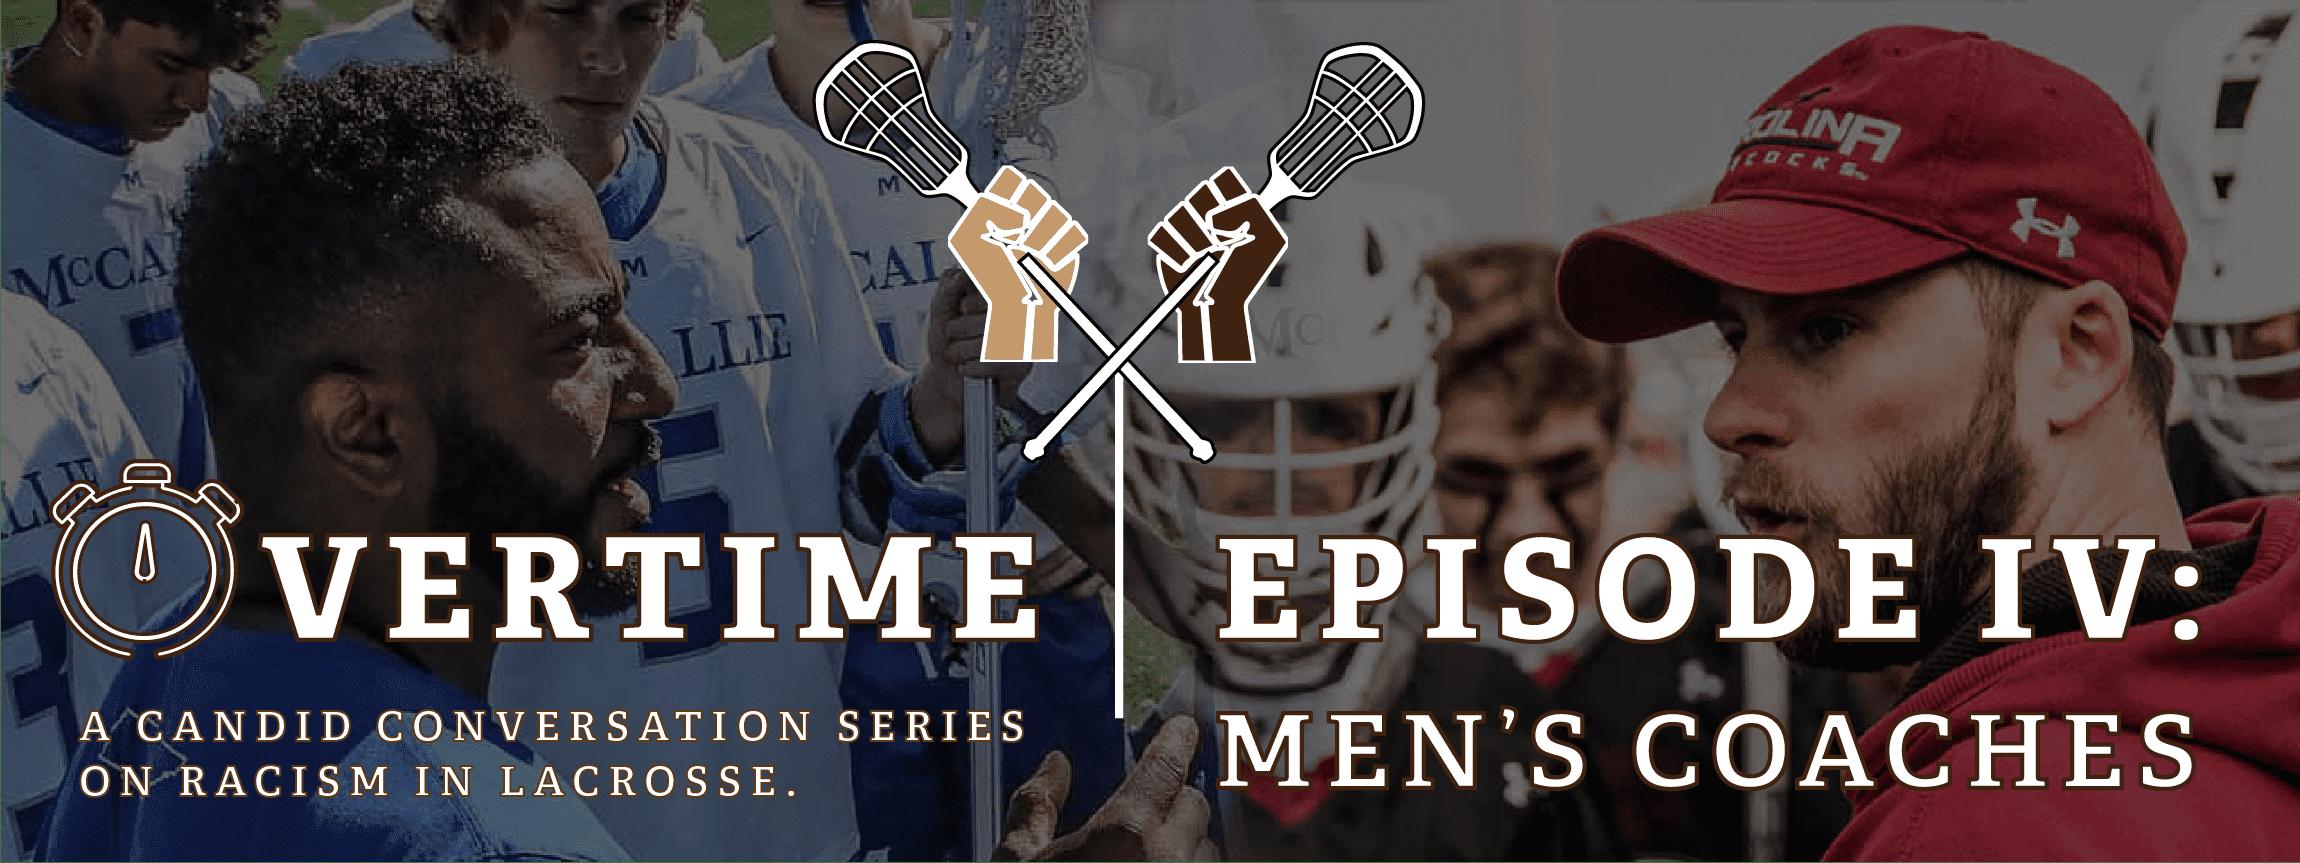 Overtime Episode 4 - Men's Coaches